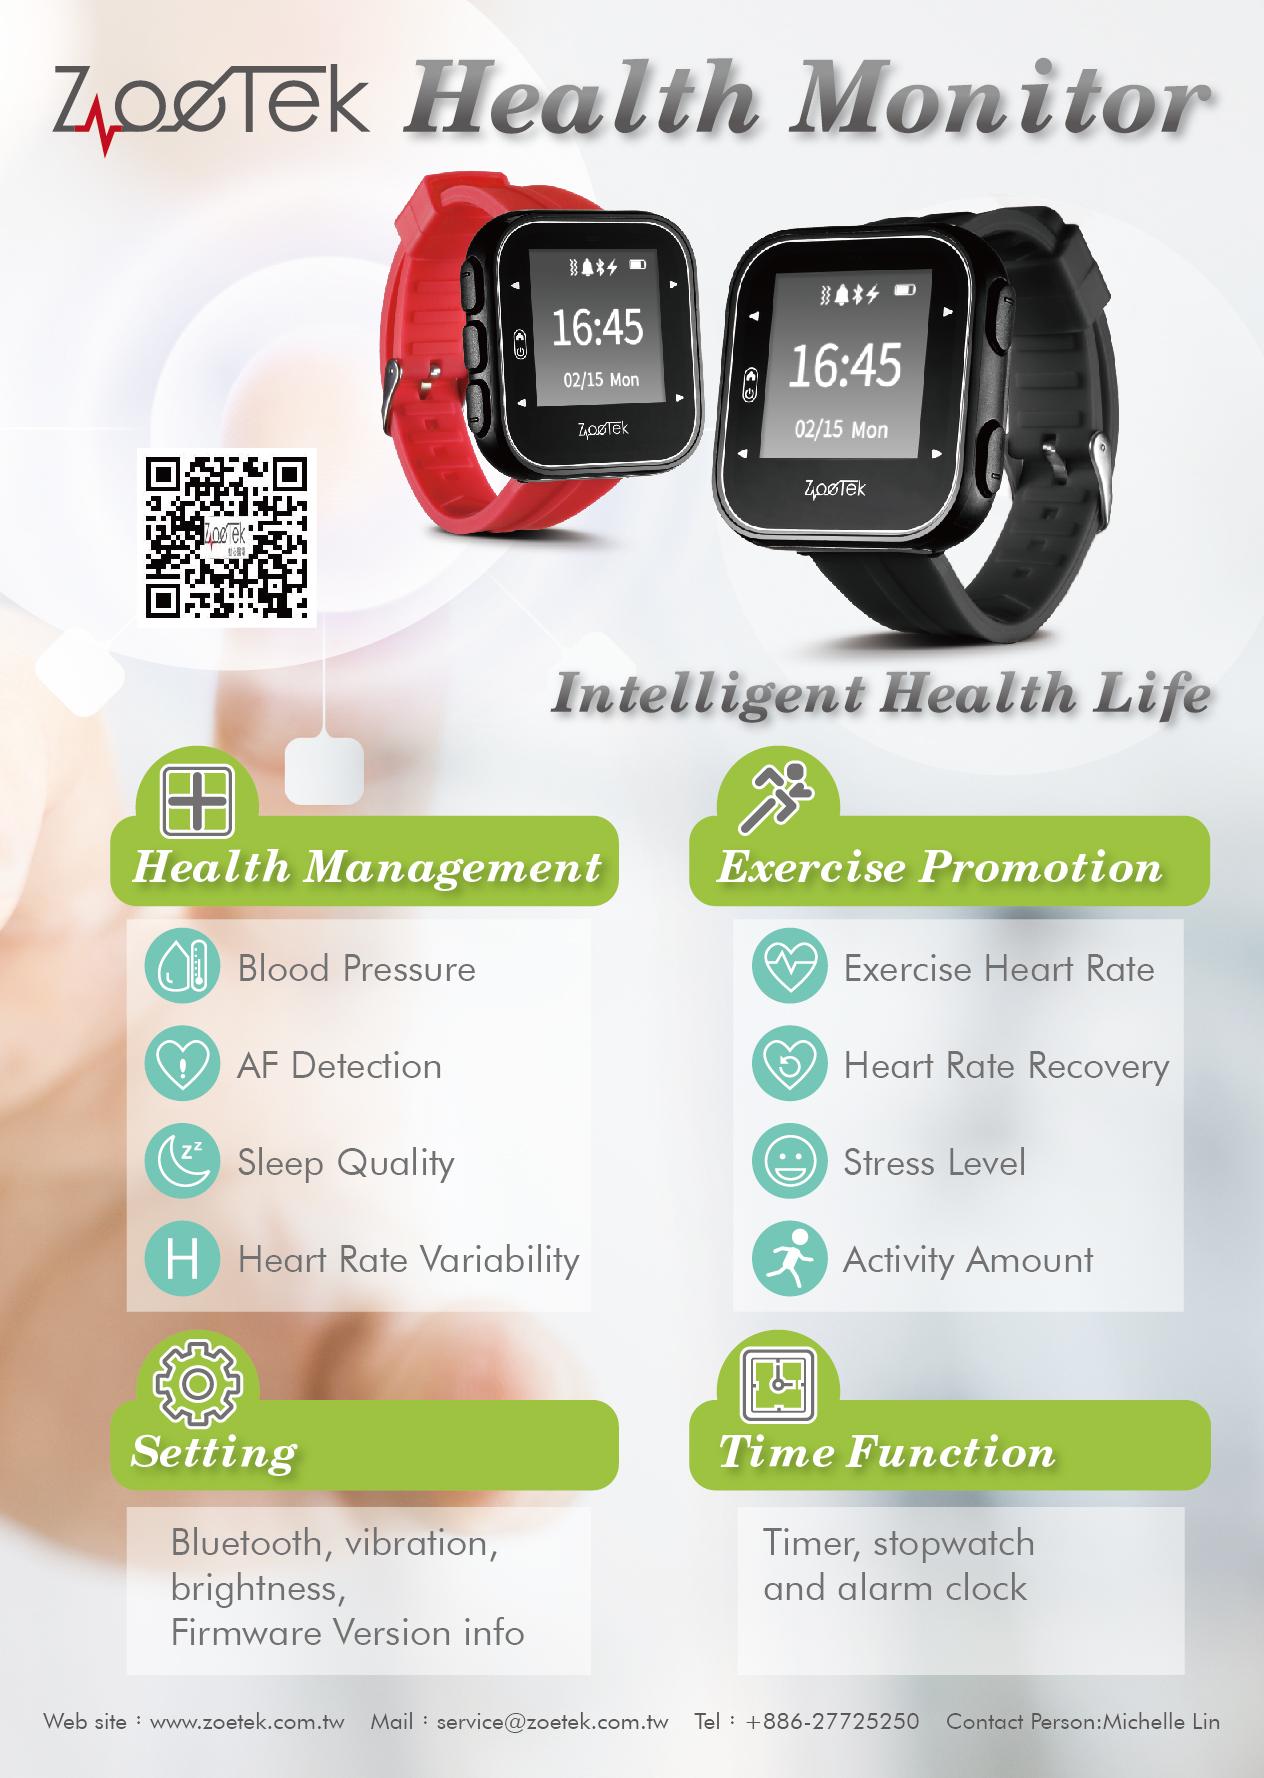 實現智慧健康生活:健康監測儀擁有健康管理模式和運動模式,是您守護健康的好幫手!